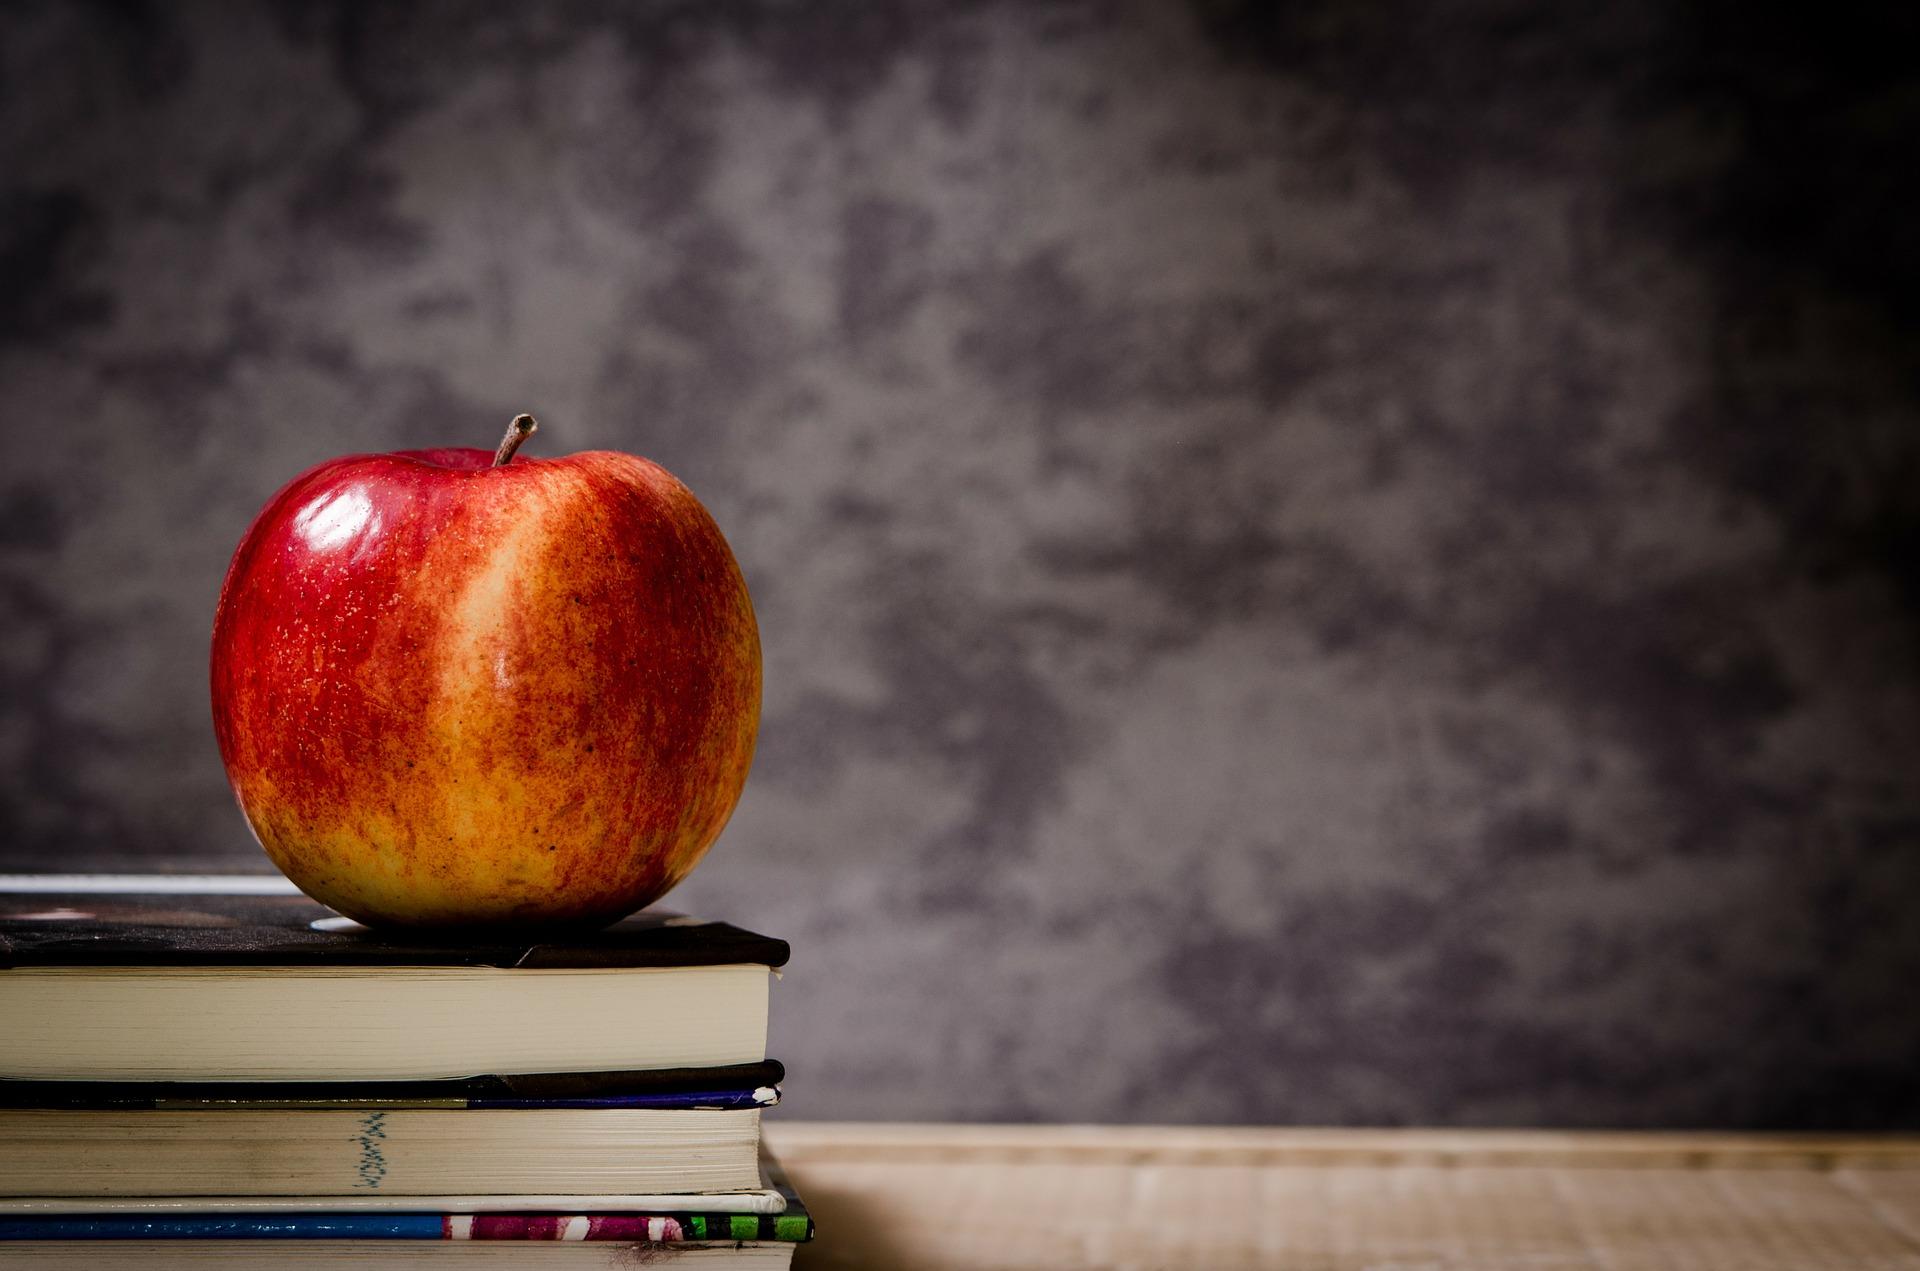 Почитаем: книги о школе и учениках